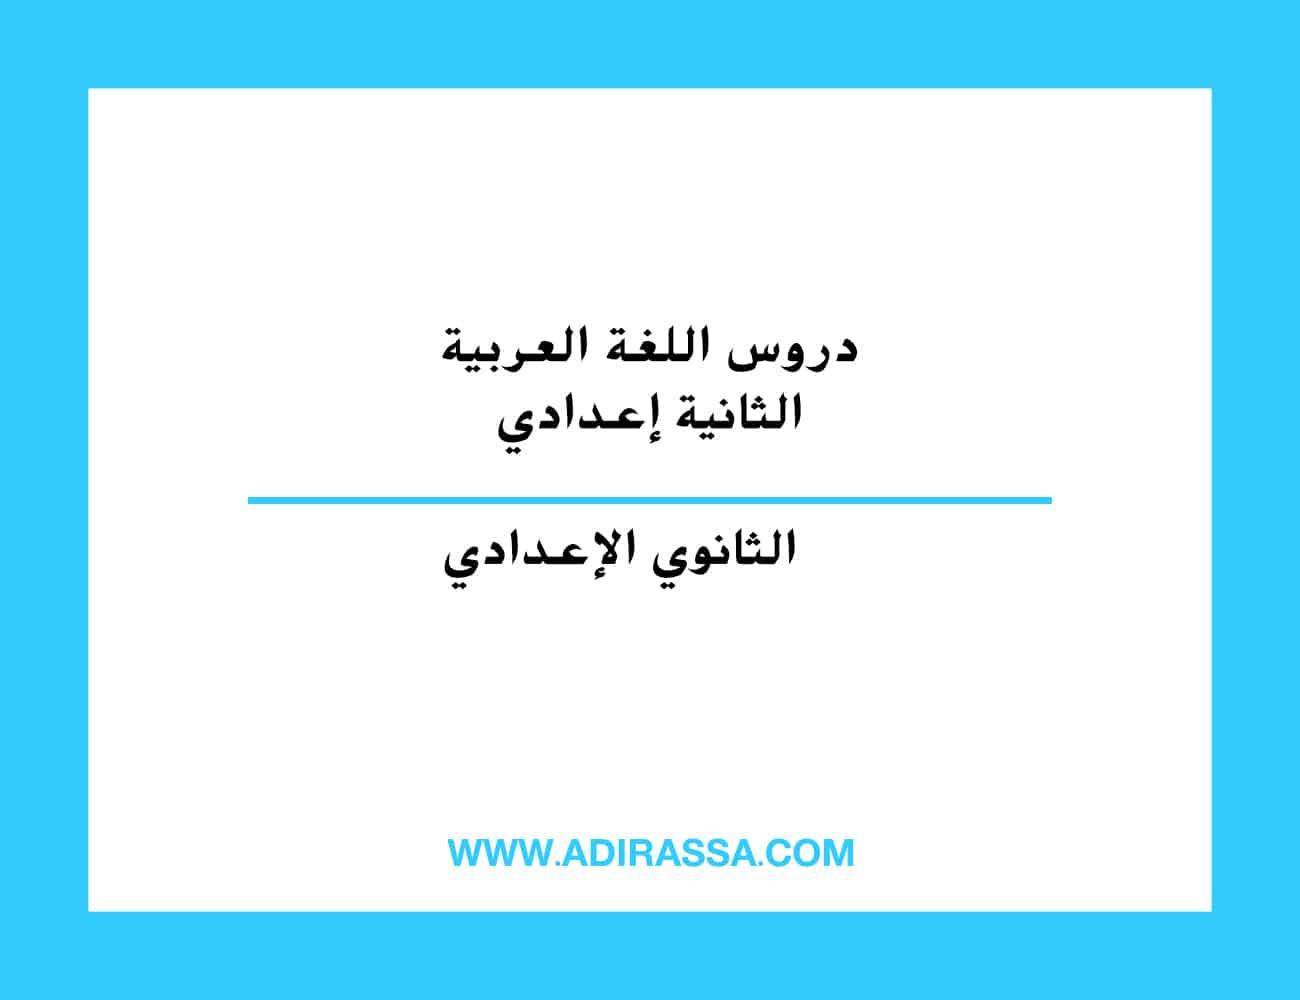 دروس اللغة العربية الثانية إعدادي المقررة بالمدرسة المغربية